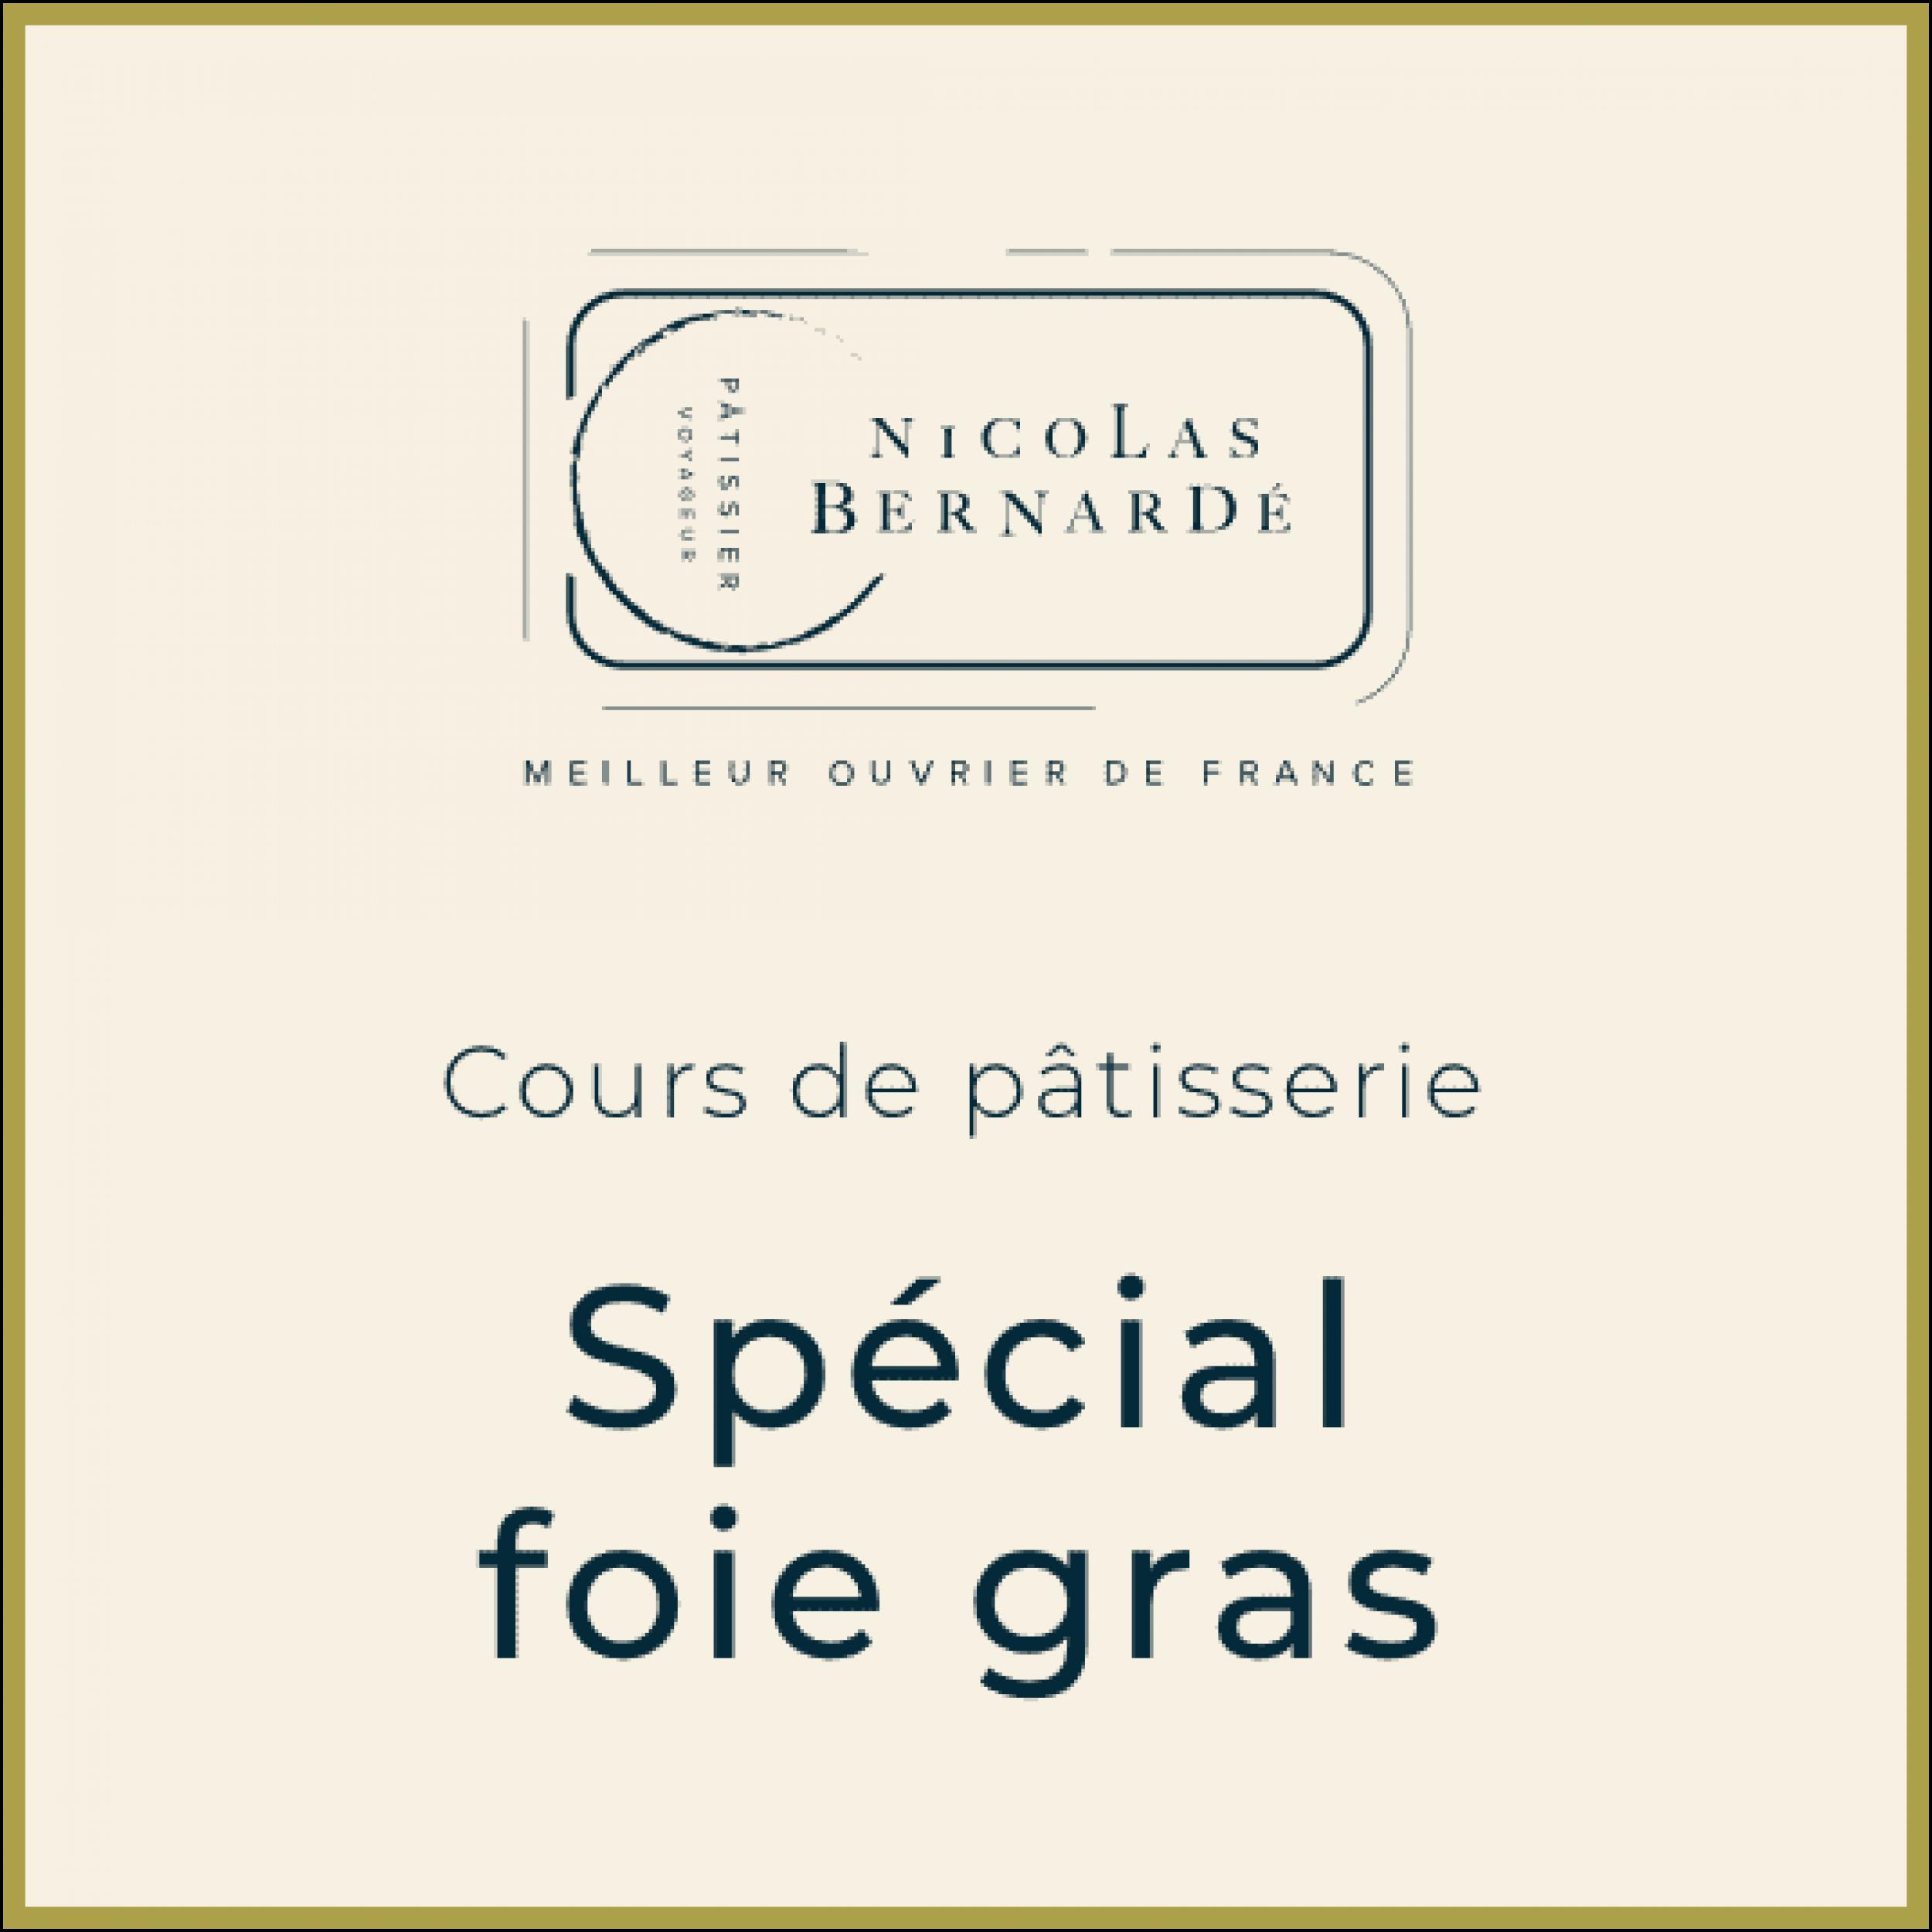 CoursCuisine FoieGras